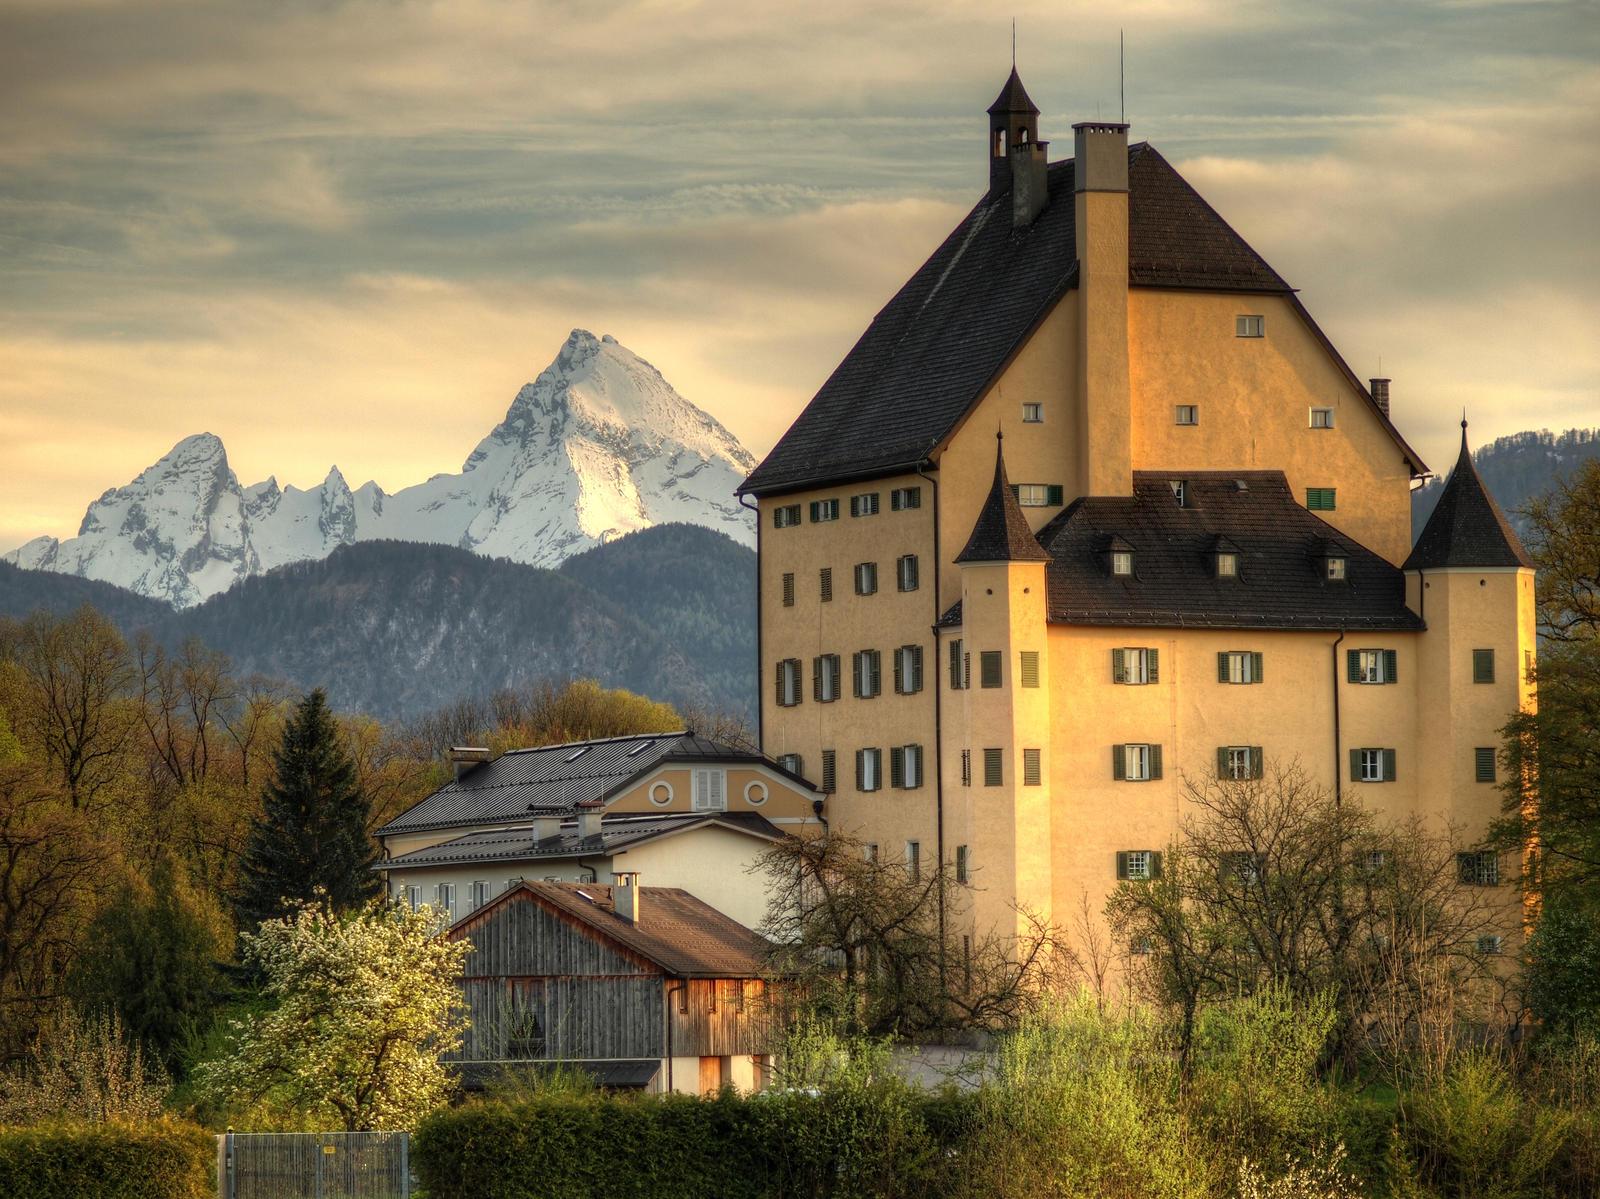 Goldenstein Castle And Mount Watzmann